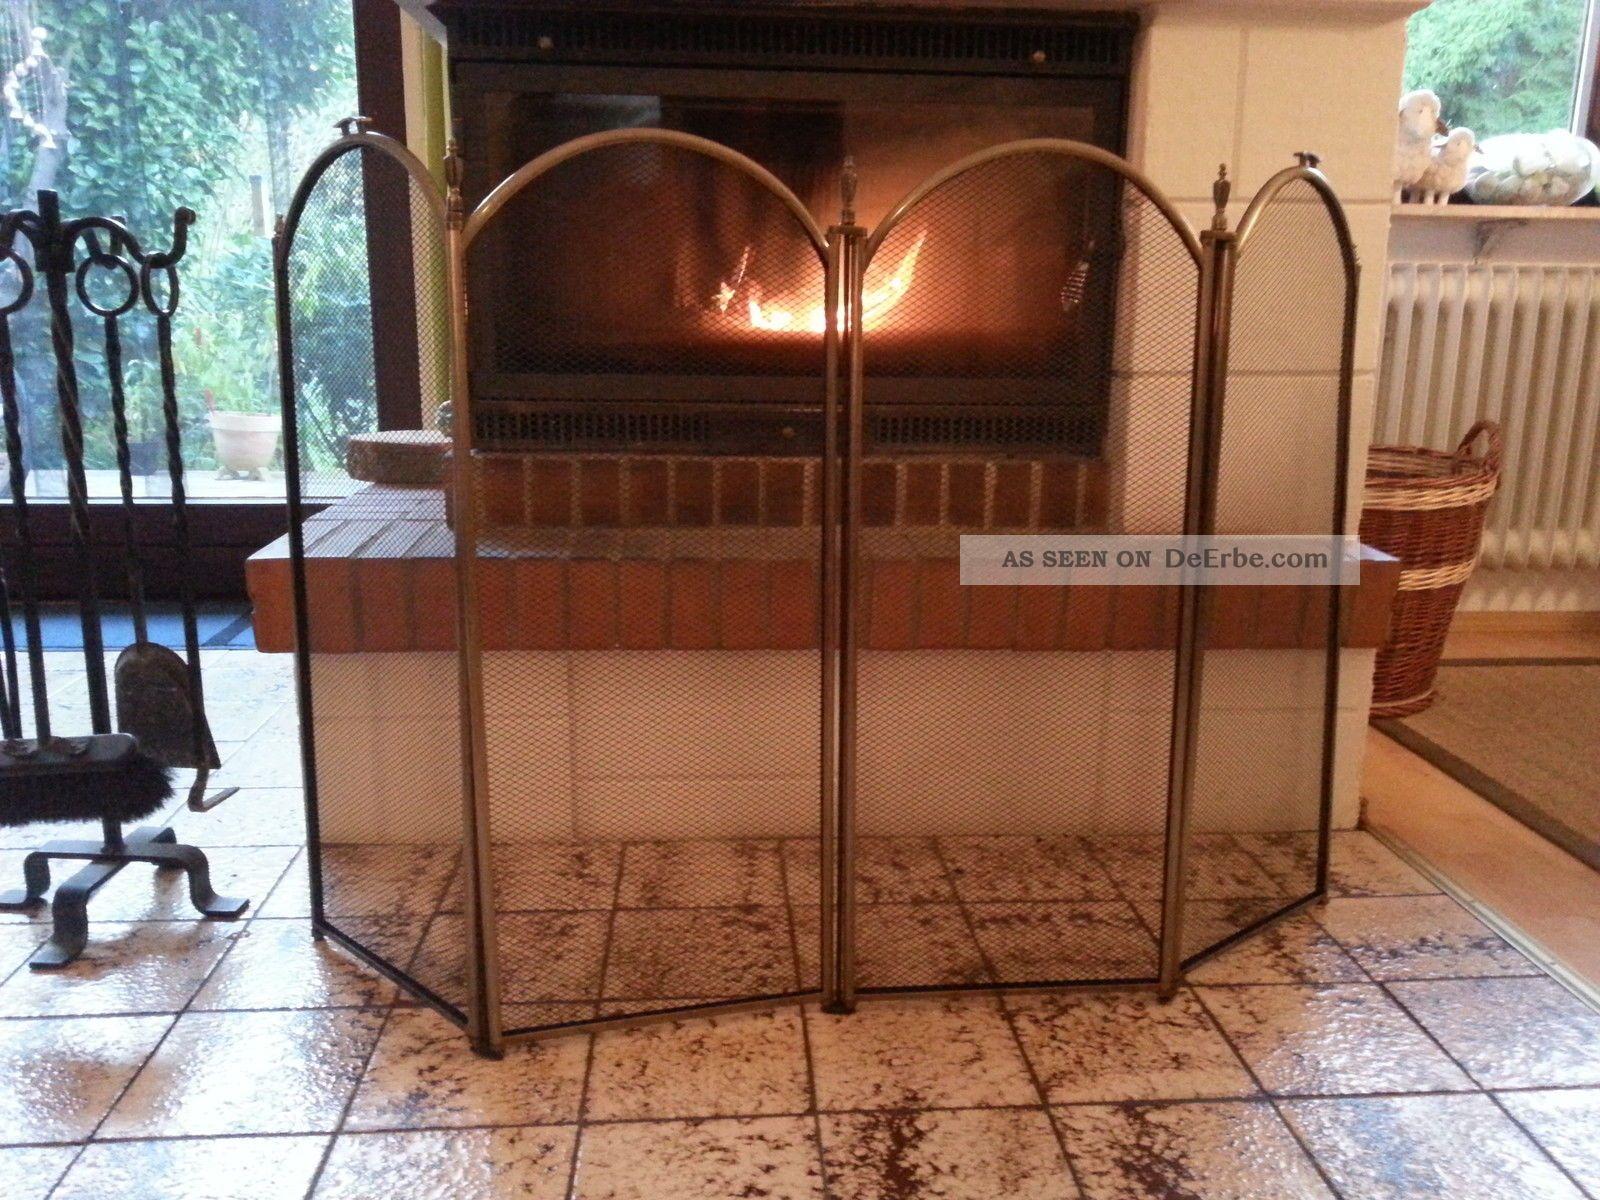 kamin funkenschutz kamingitter schutzgitter mit kleinen gebrauchsspuren. Black Bedroom Furniture Sets. Home Design Ideas